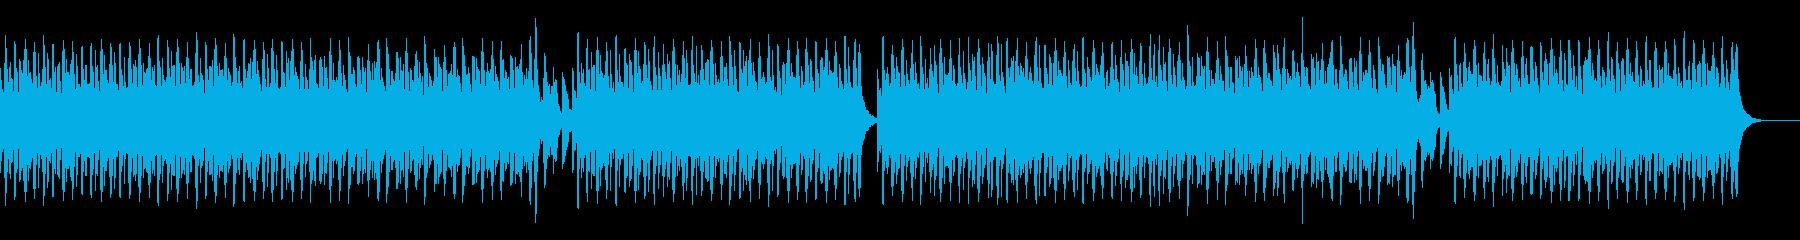 軽快で楽しい生演奏リコーダーの再生済みの波形